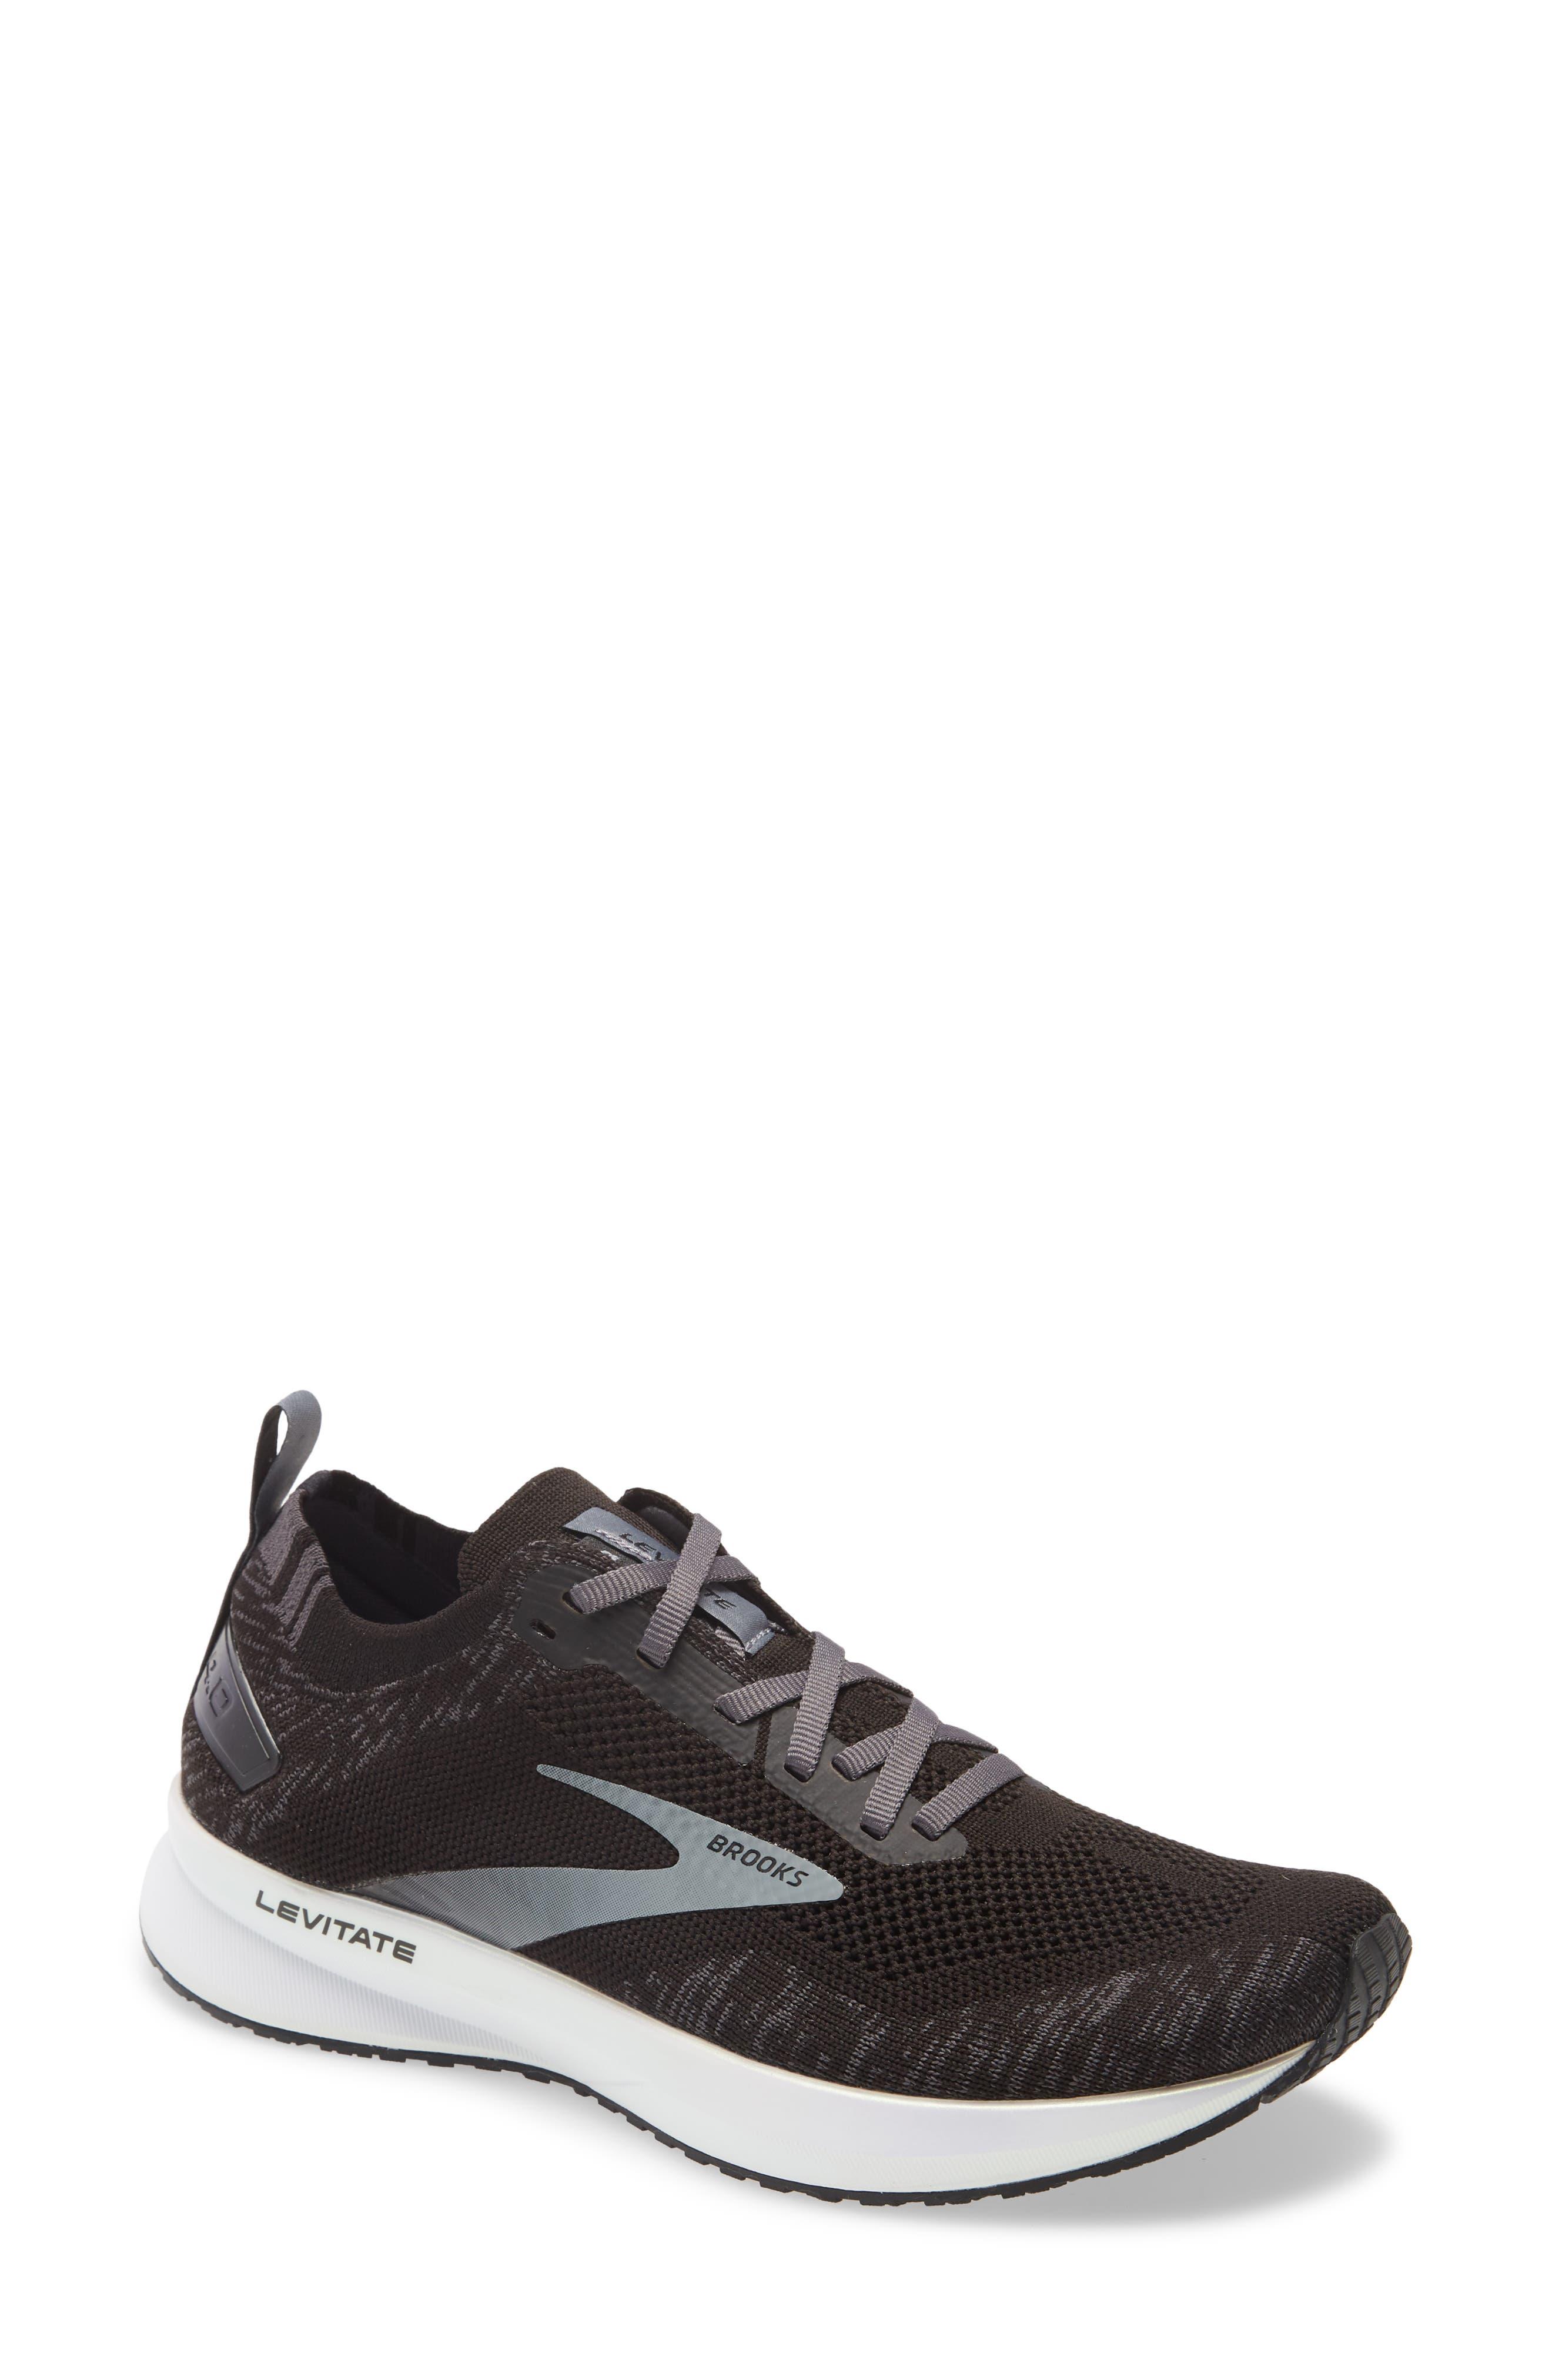 Levitate 4 Running Shoe